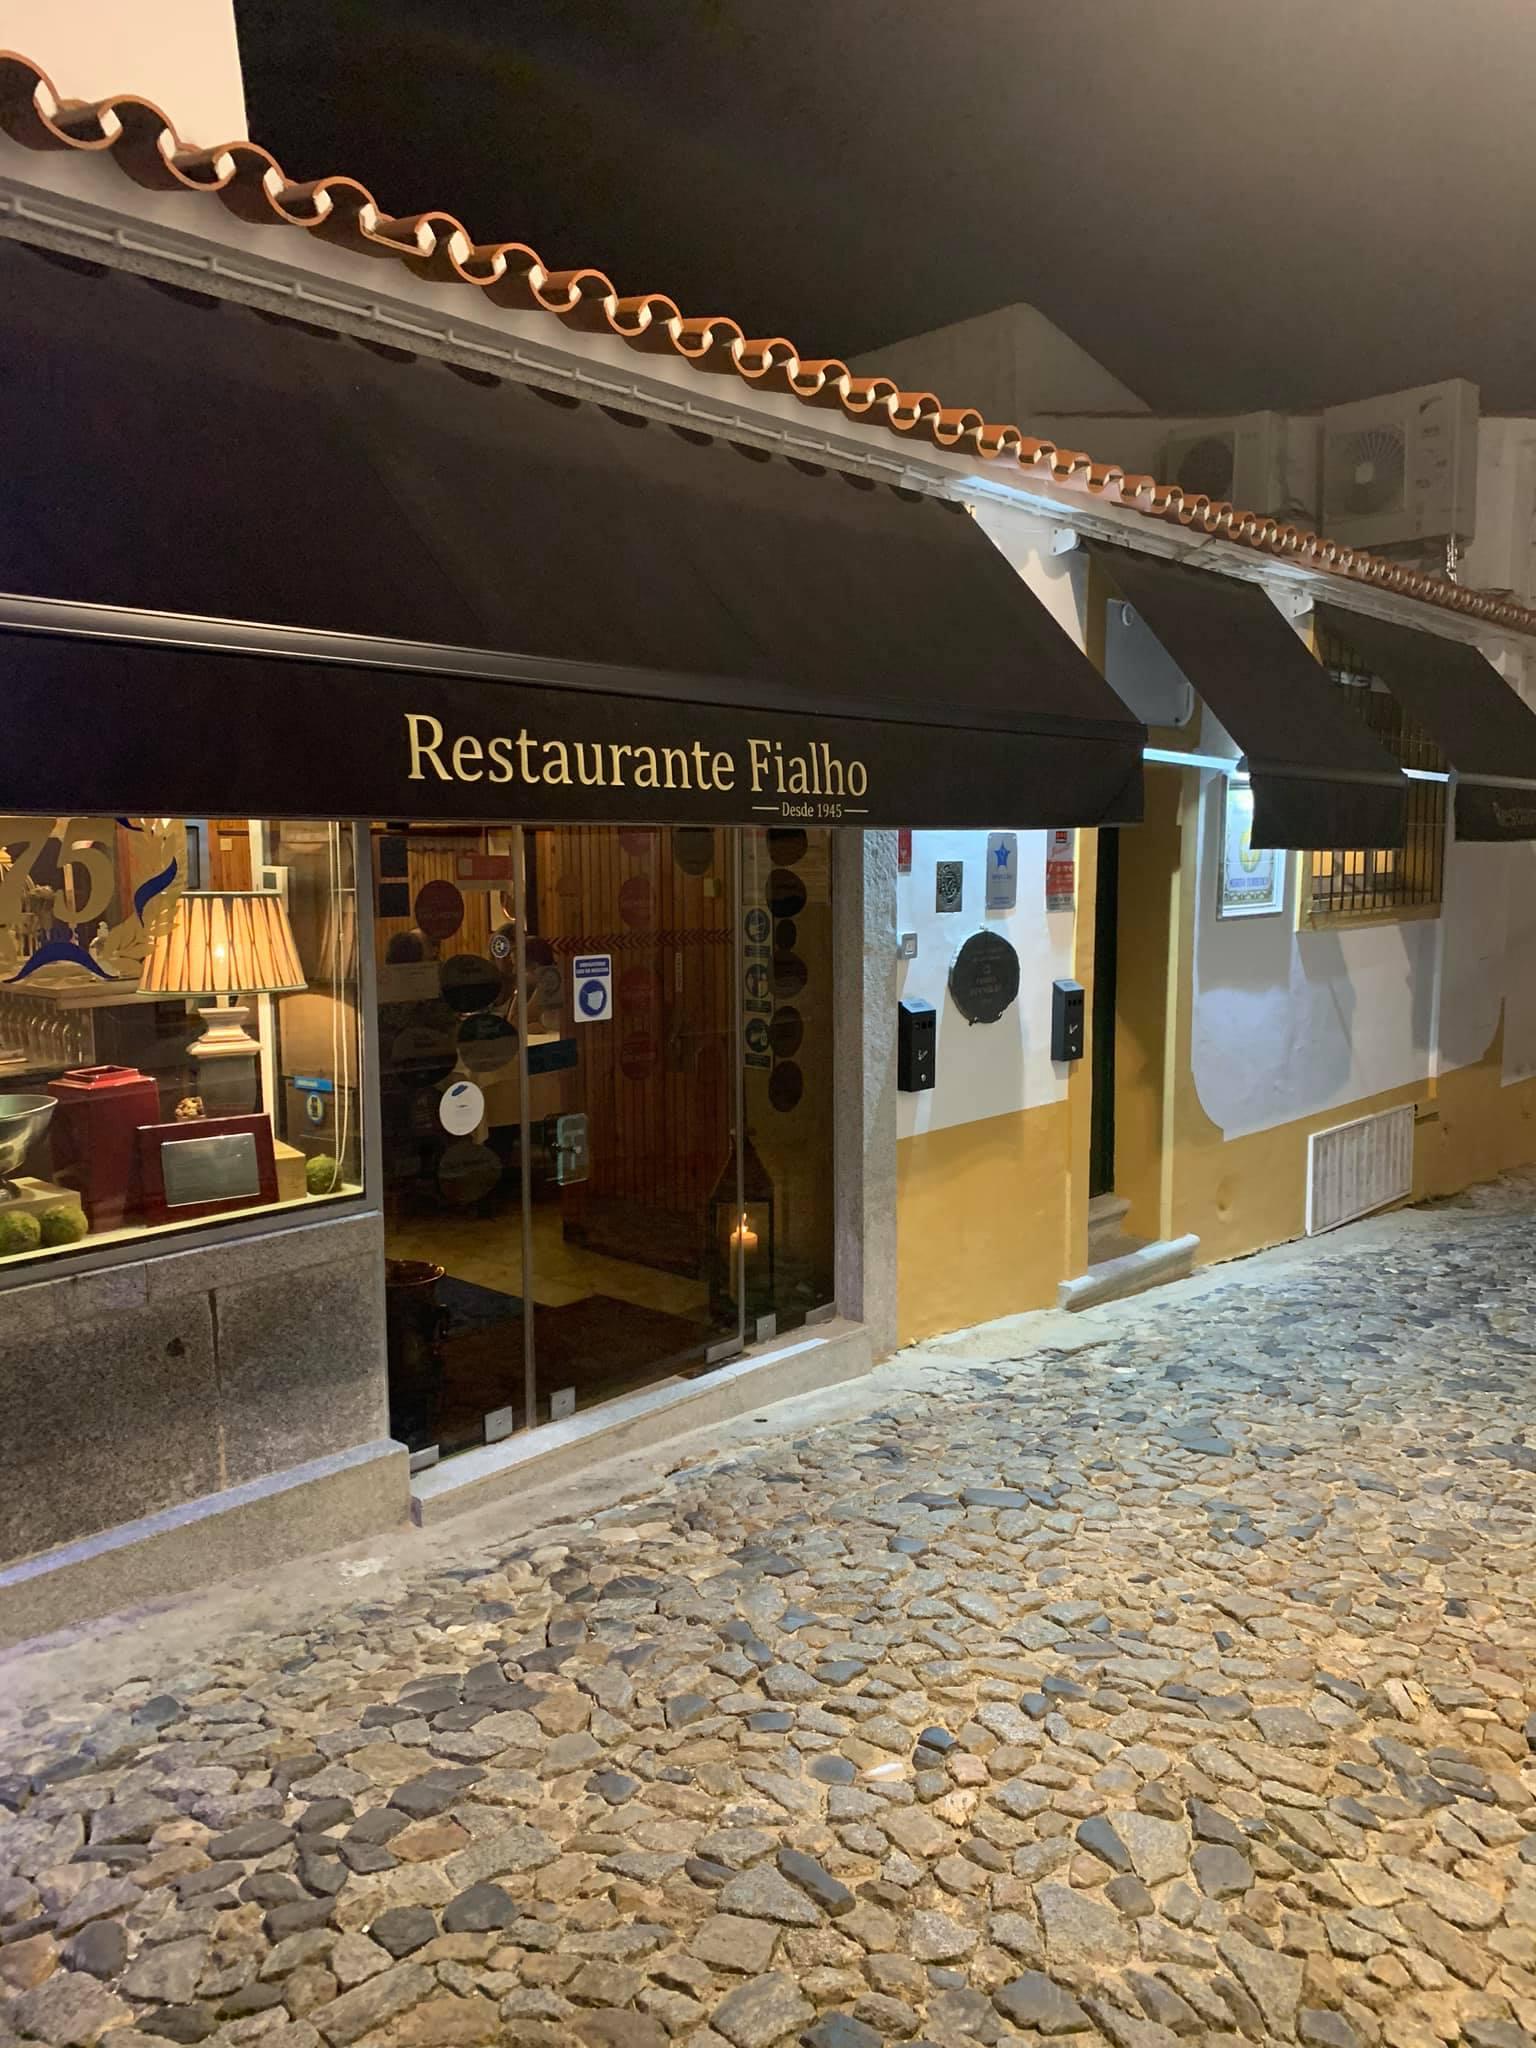 Fialho, eleito algumas vezes como o melhor restaurante de Portugal (Foto: reprodução site)